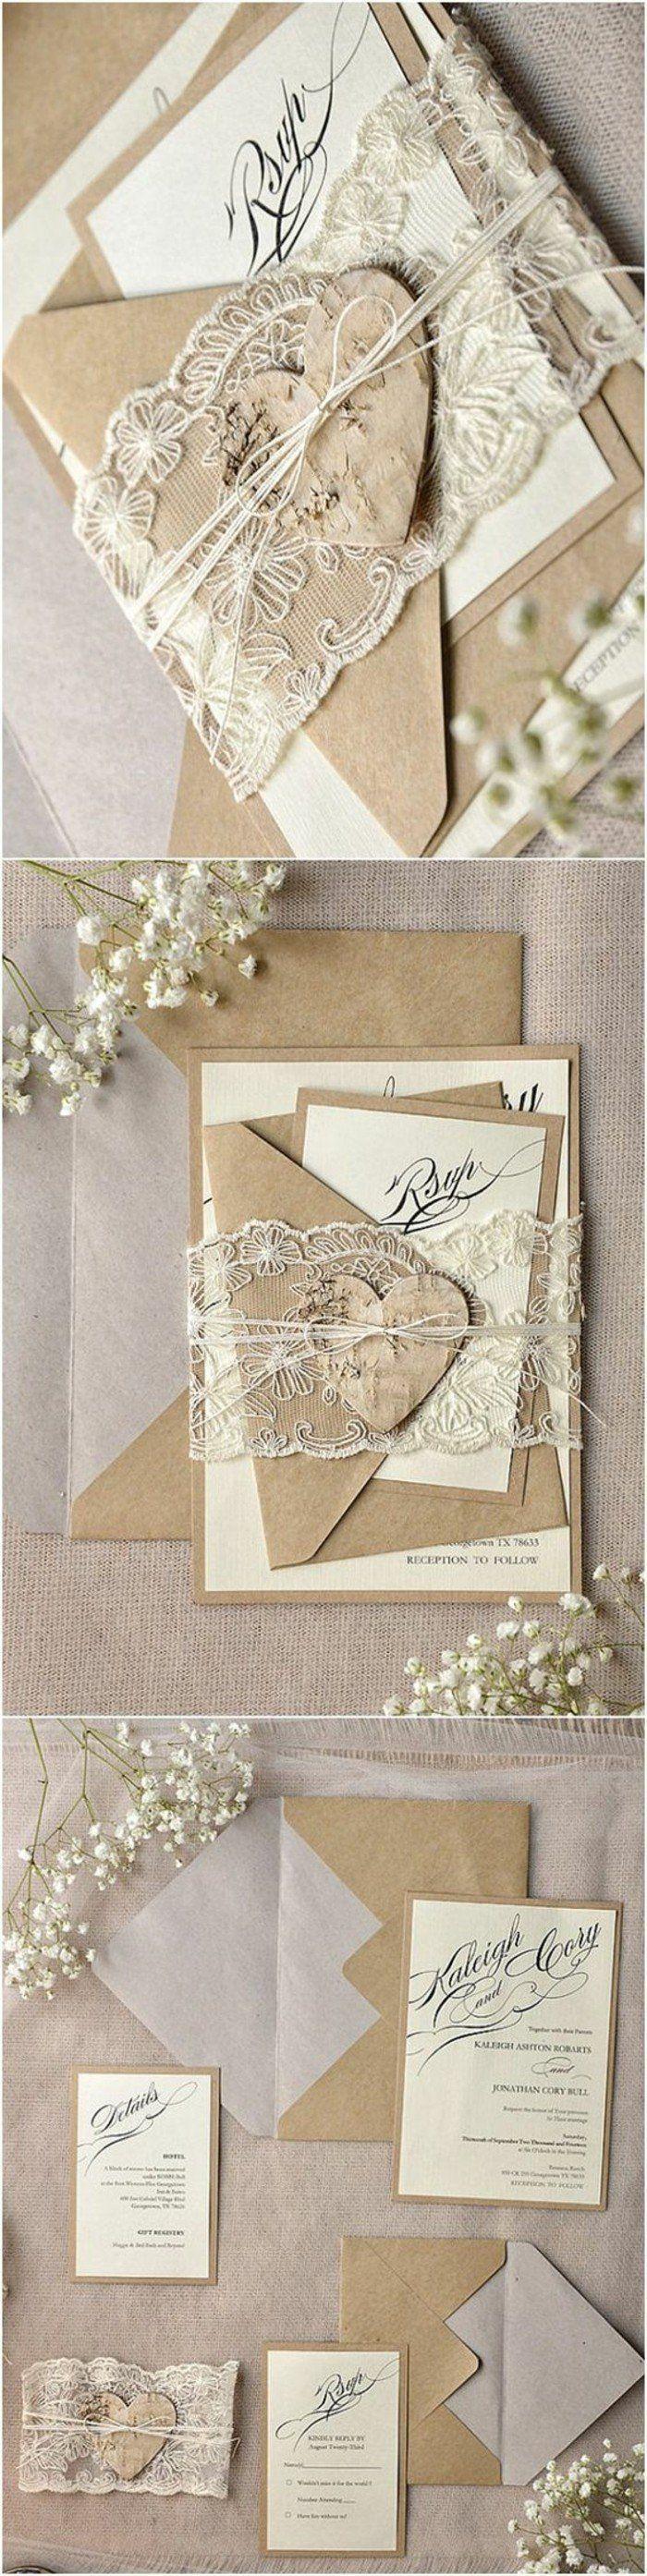 faire-part de mariage original personnalise en papier beige, dentelle fait de découpage et fleurs champetres séchés